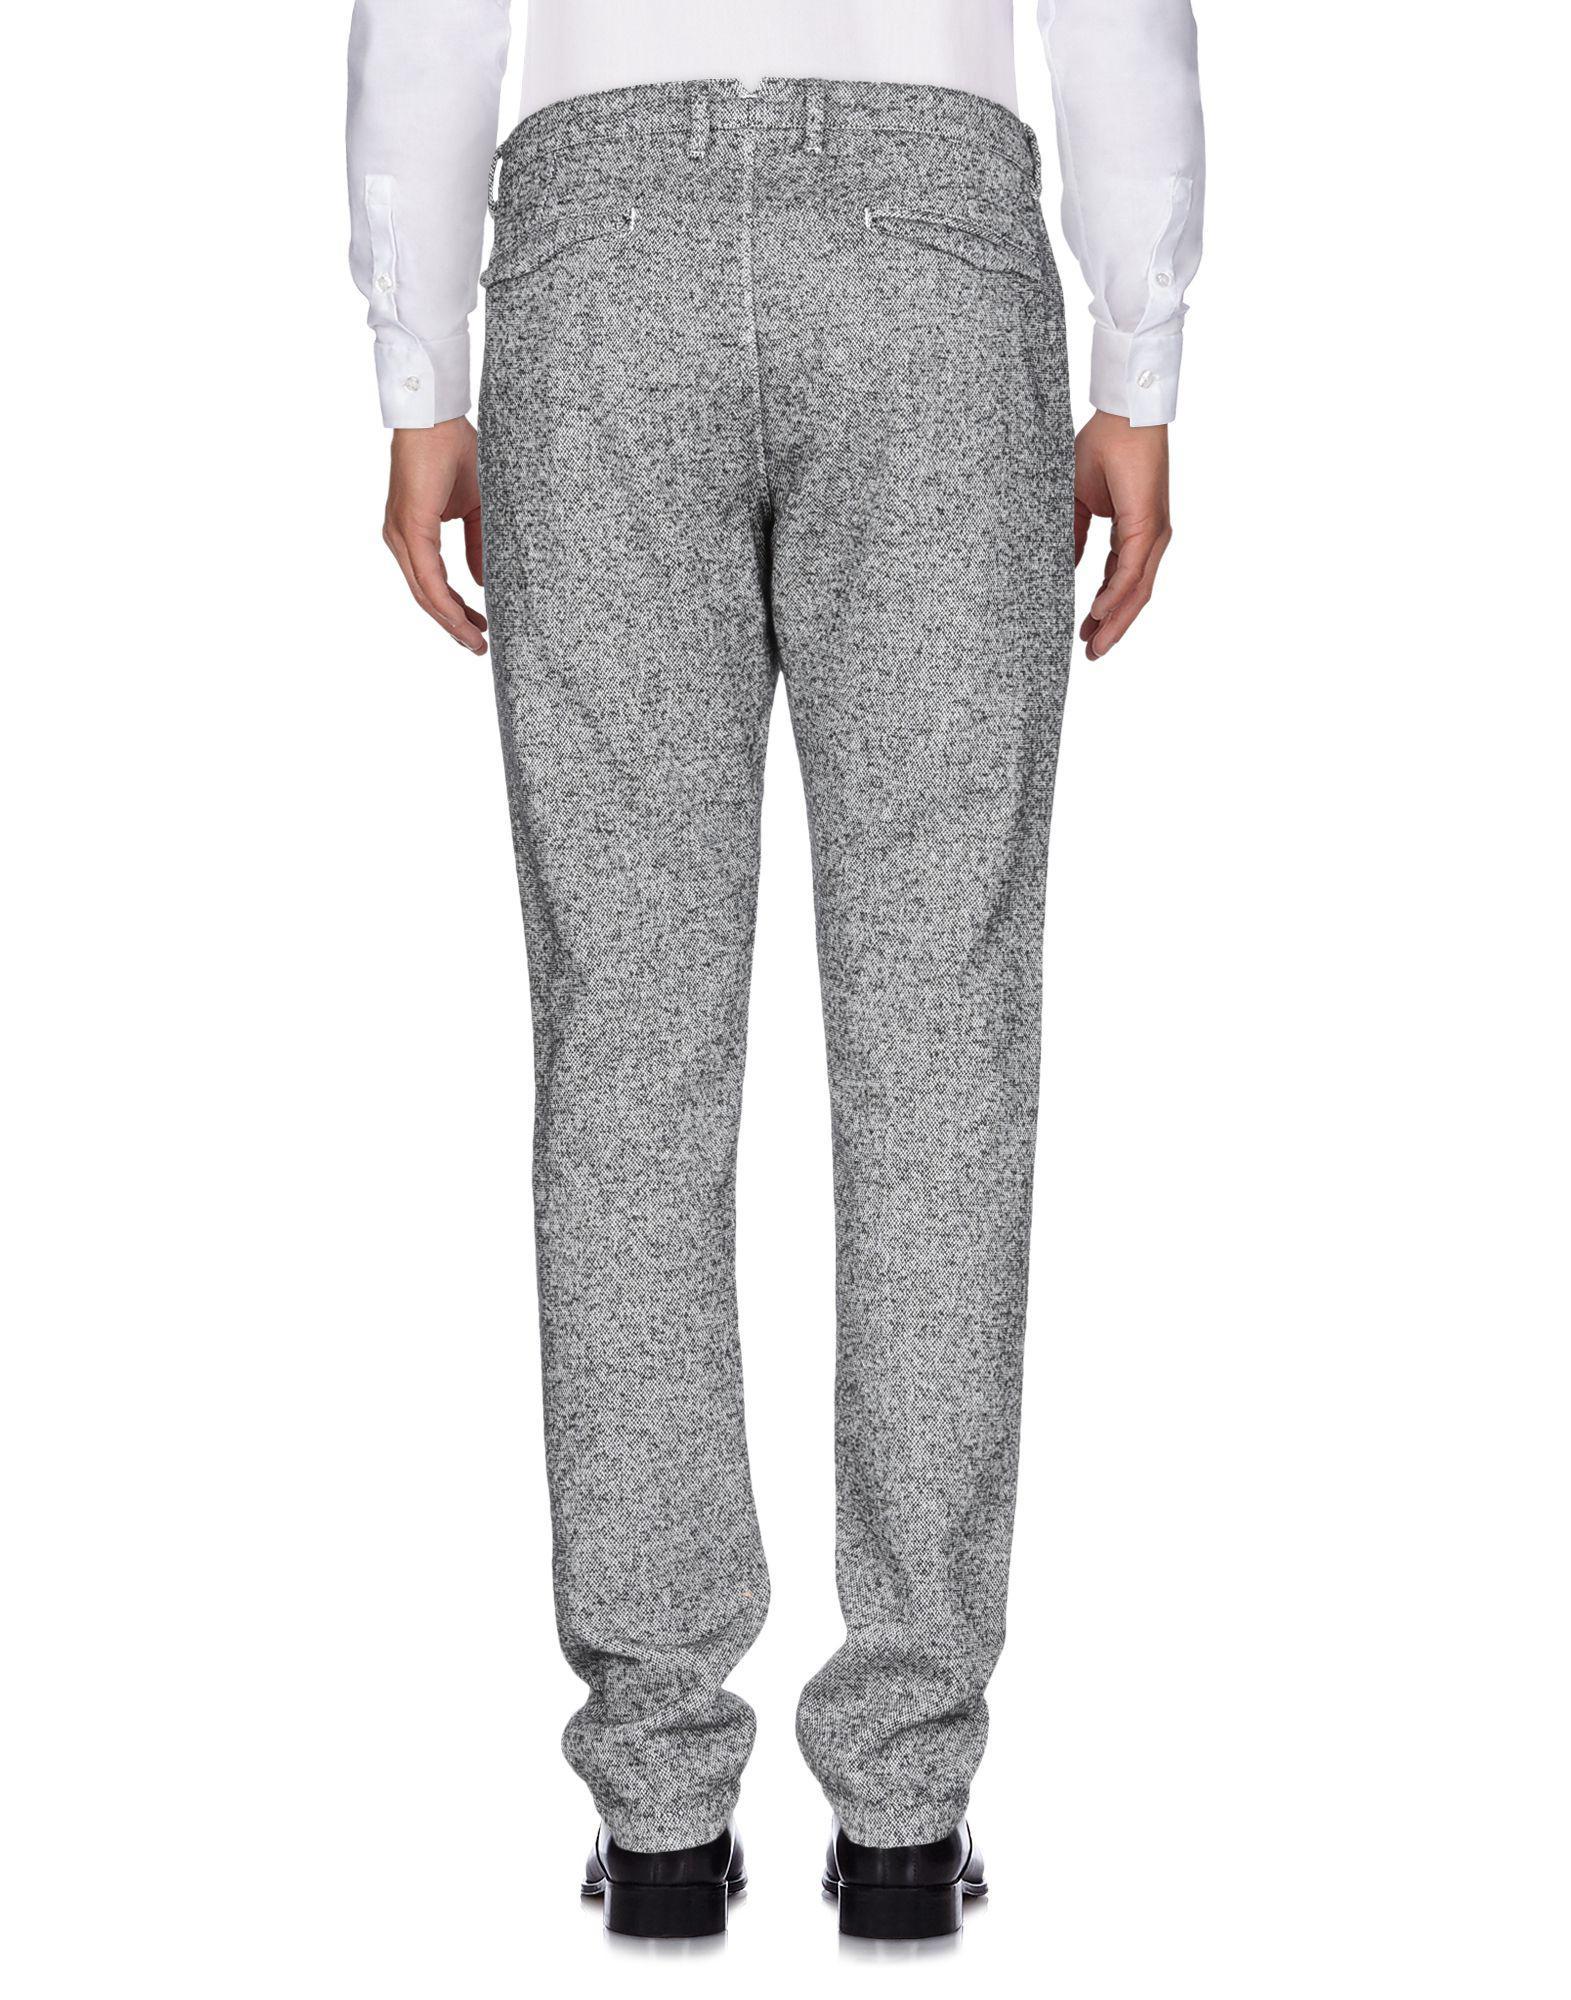 Jeordie's Tweed Casual Pants in Black for Men